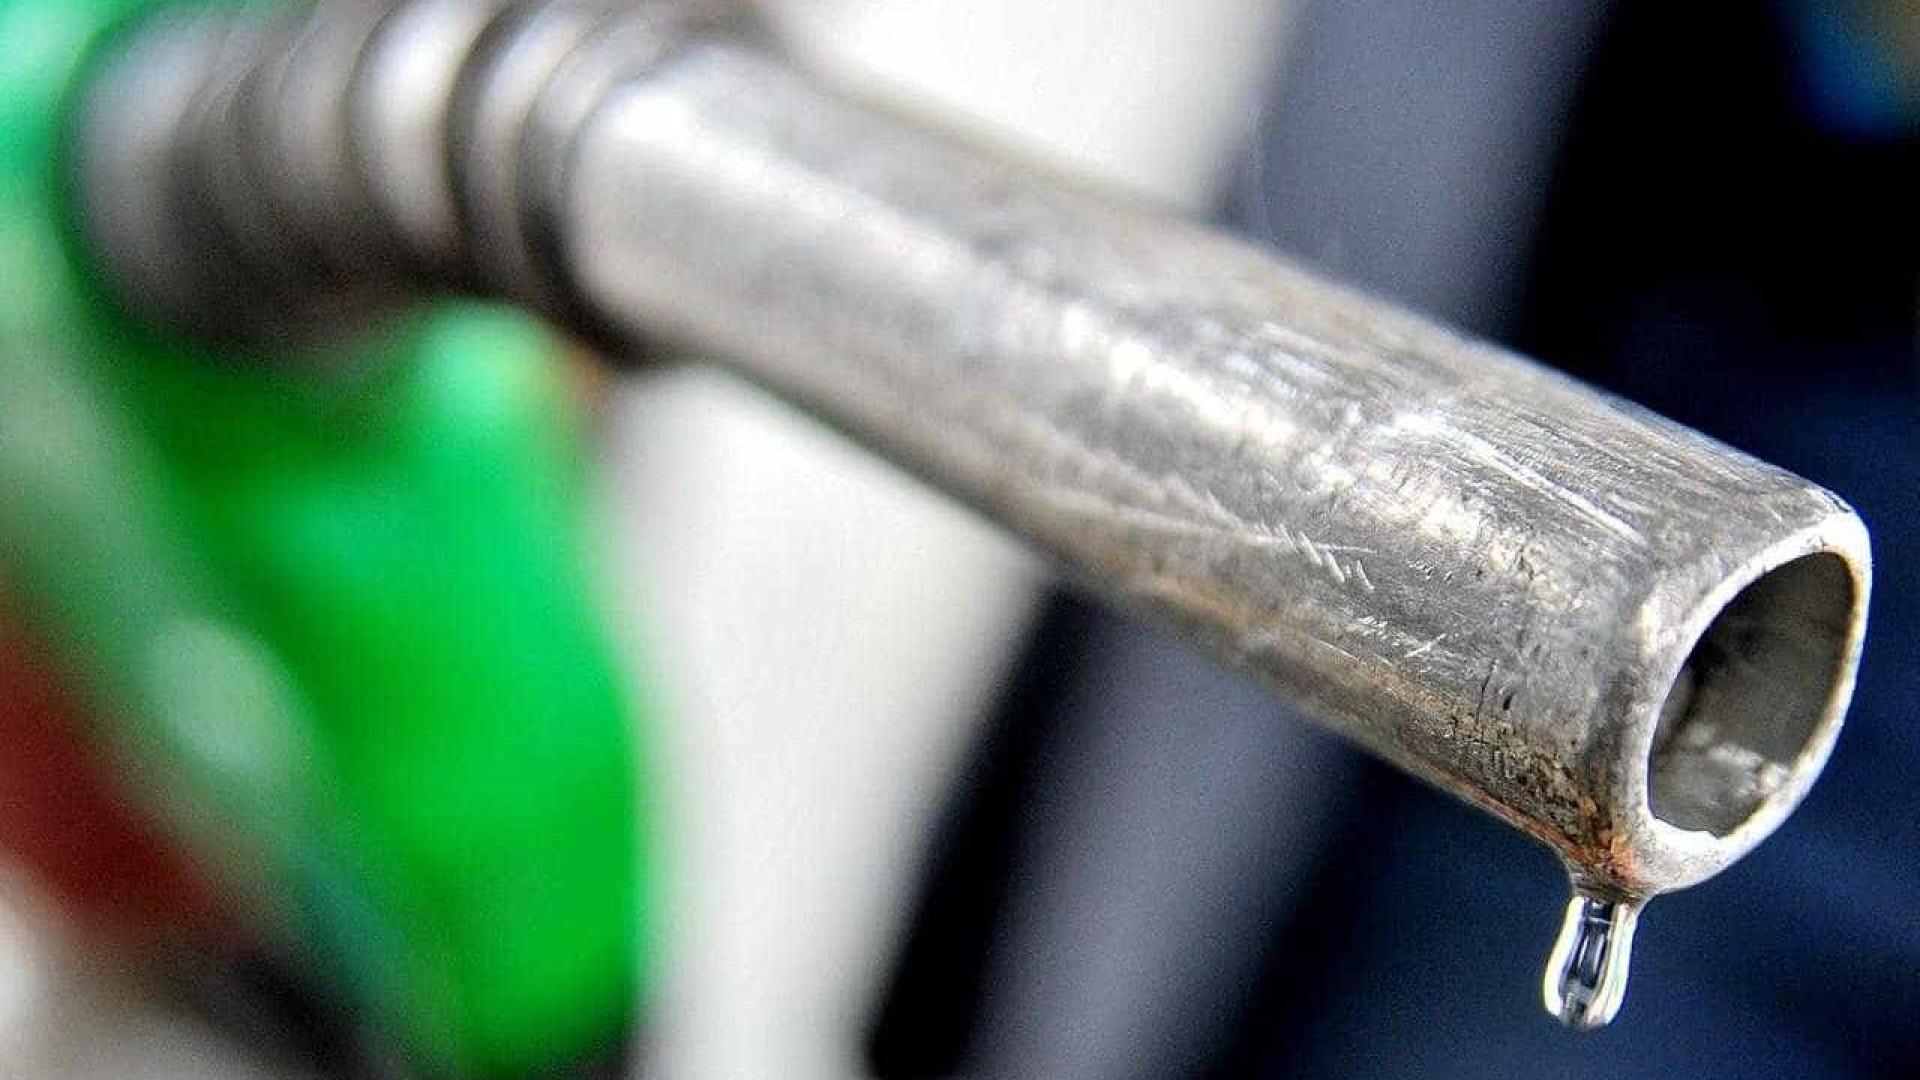 Usinas produzem 49% mais etanol na safra deste ano